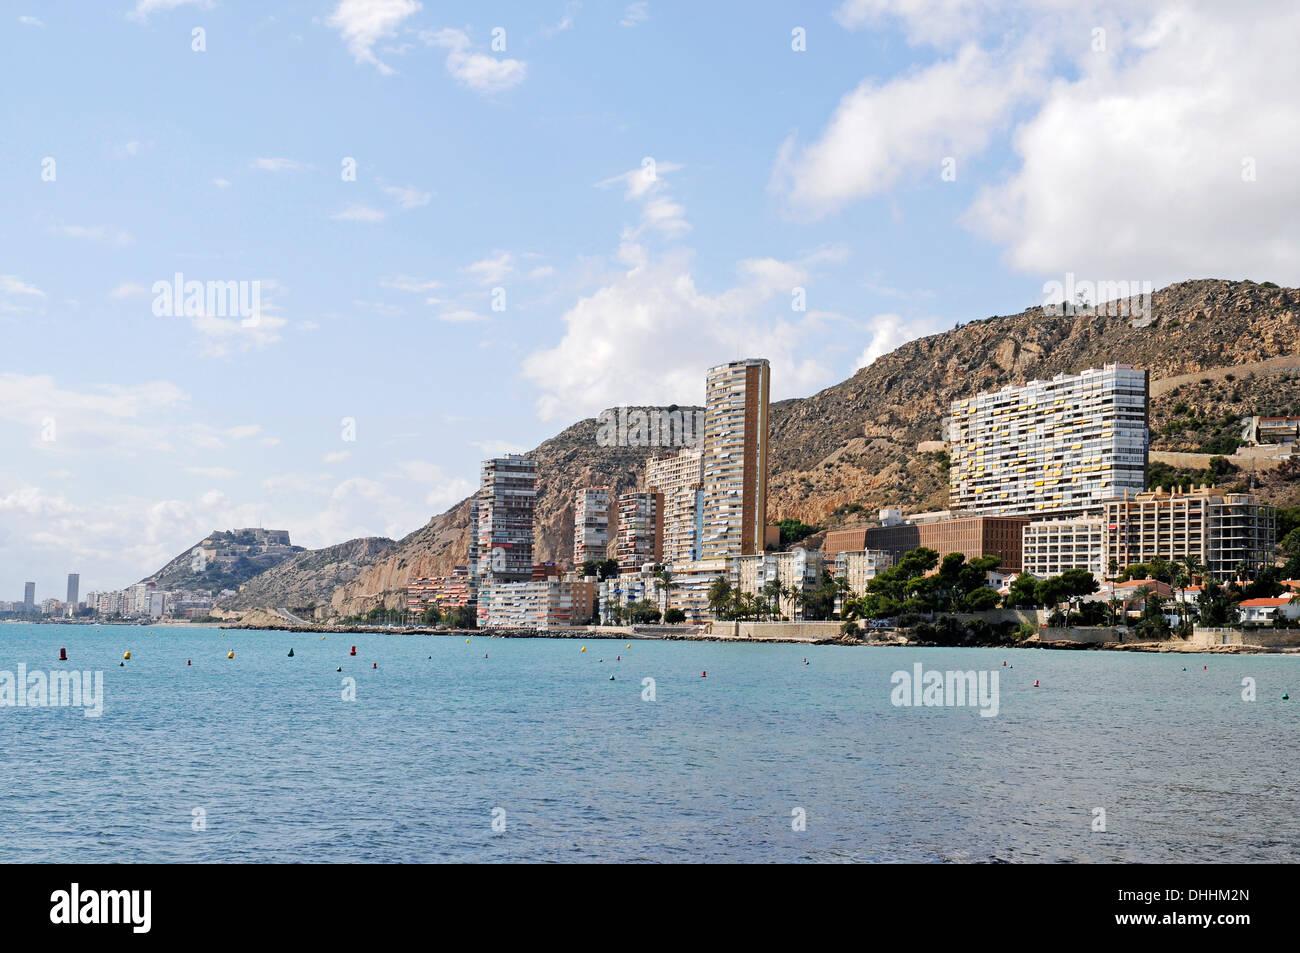 High-rise buildings, coastal development, city of Alicante at back, La Albufereta, Alicante, Province of Alicante, Spain - Stock Image